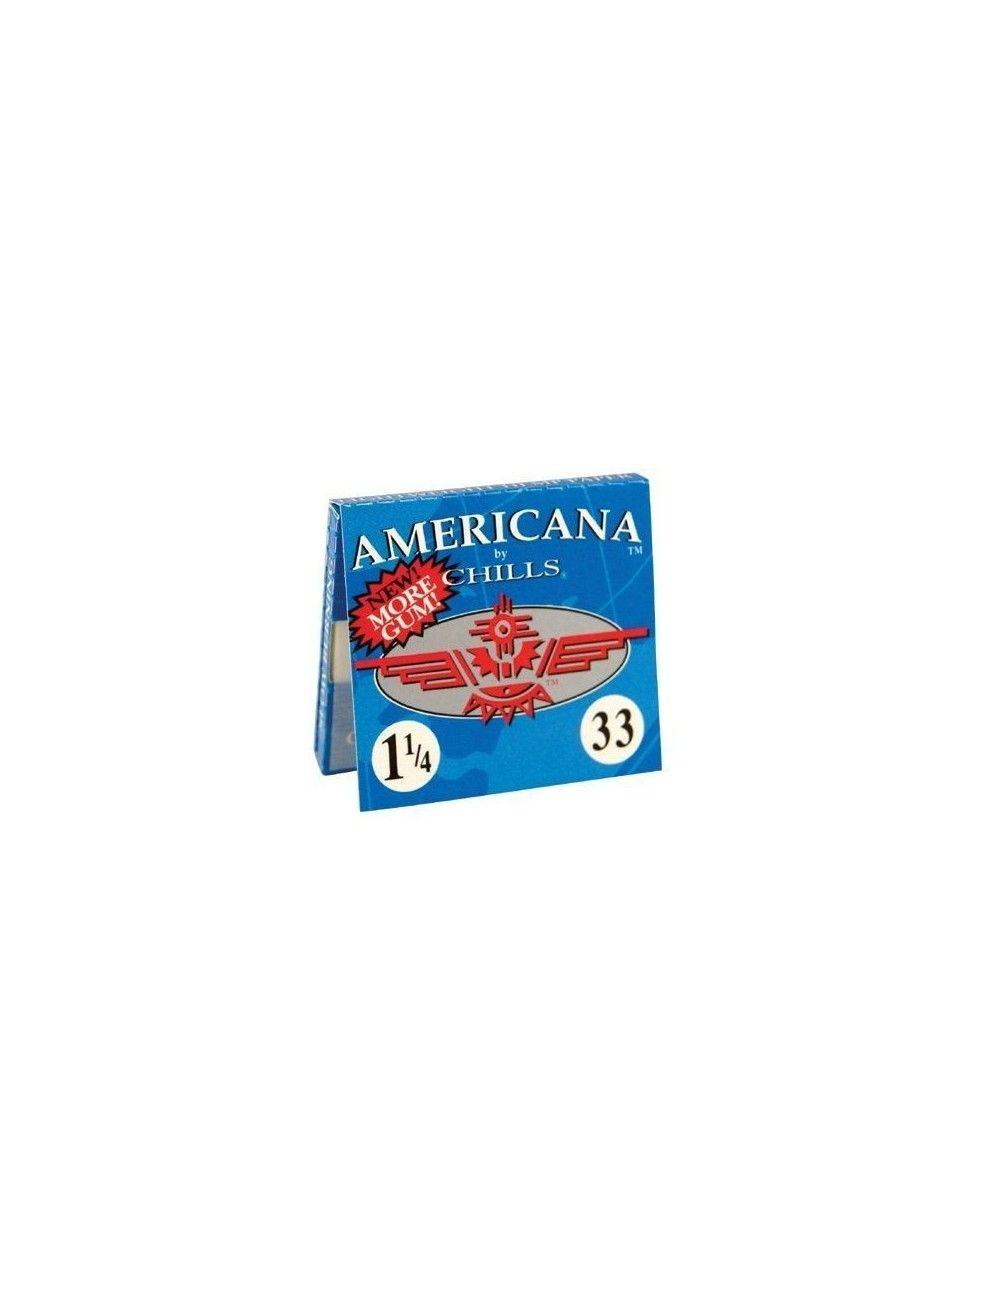 Chills Americana 1 1/4